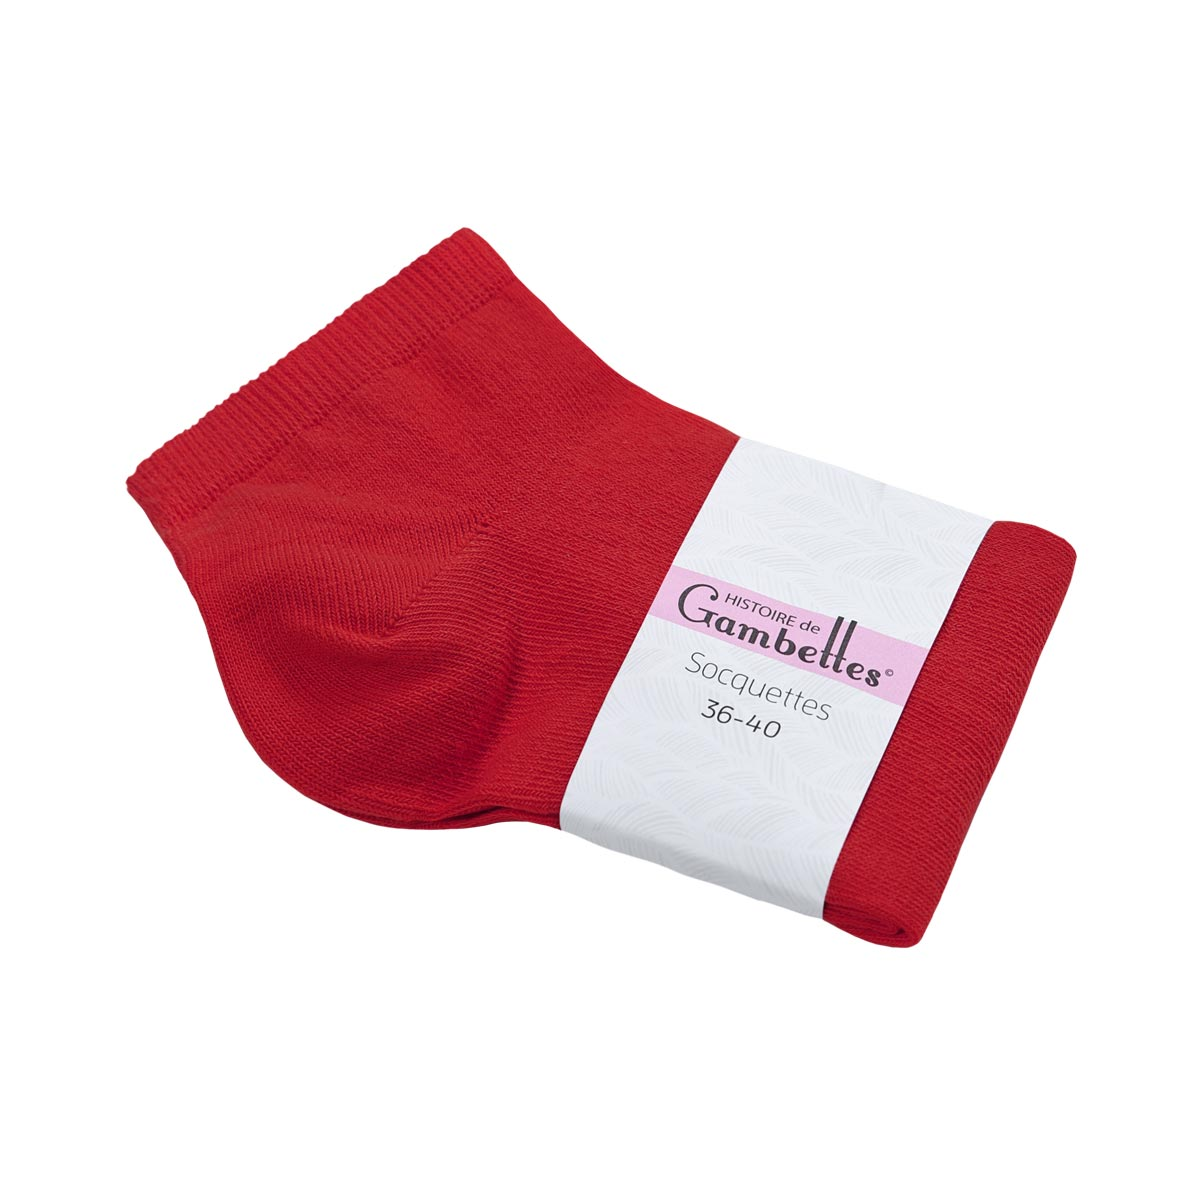 CH-00499_E12-1--_Soquettes-femme-rouges